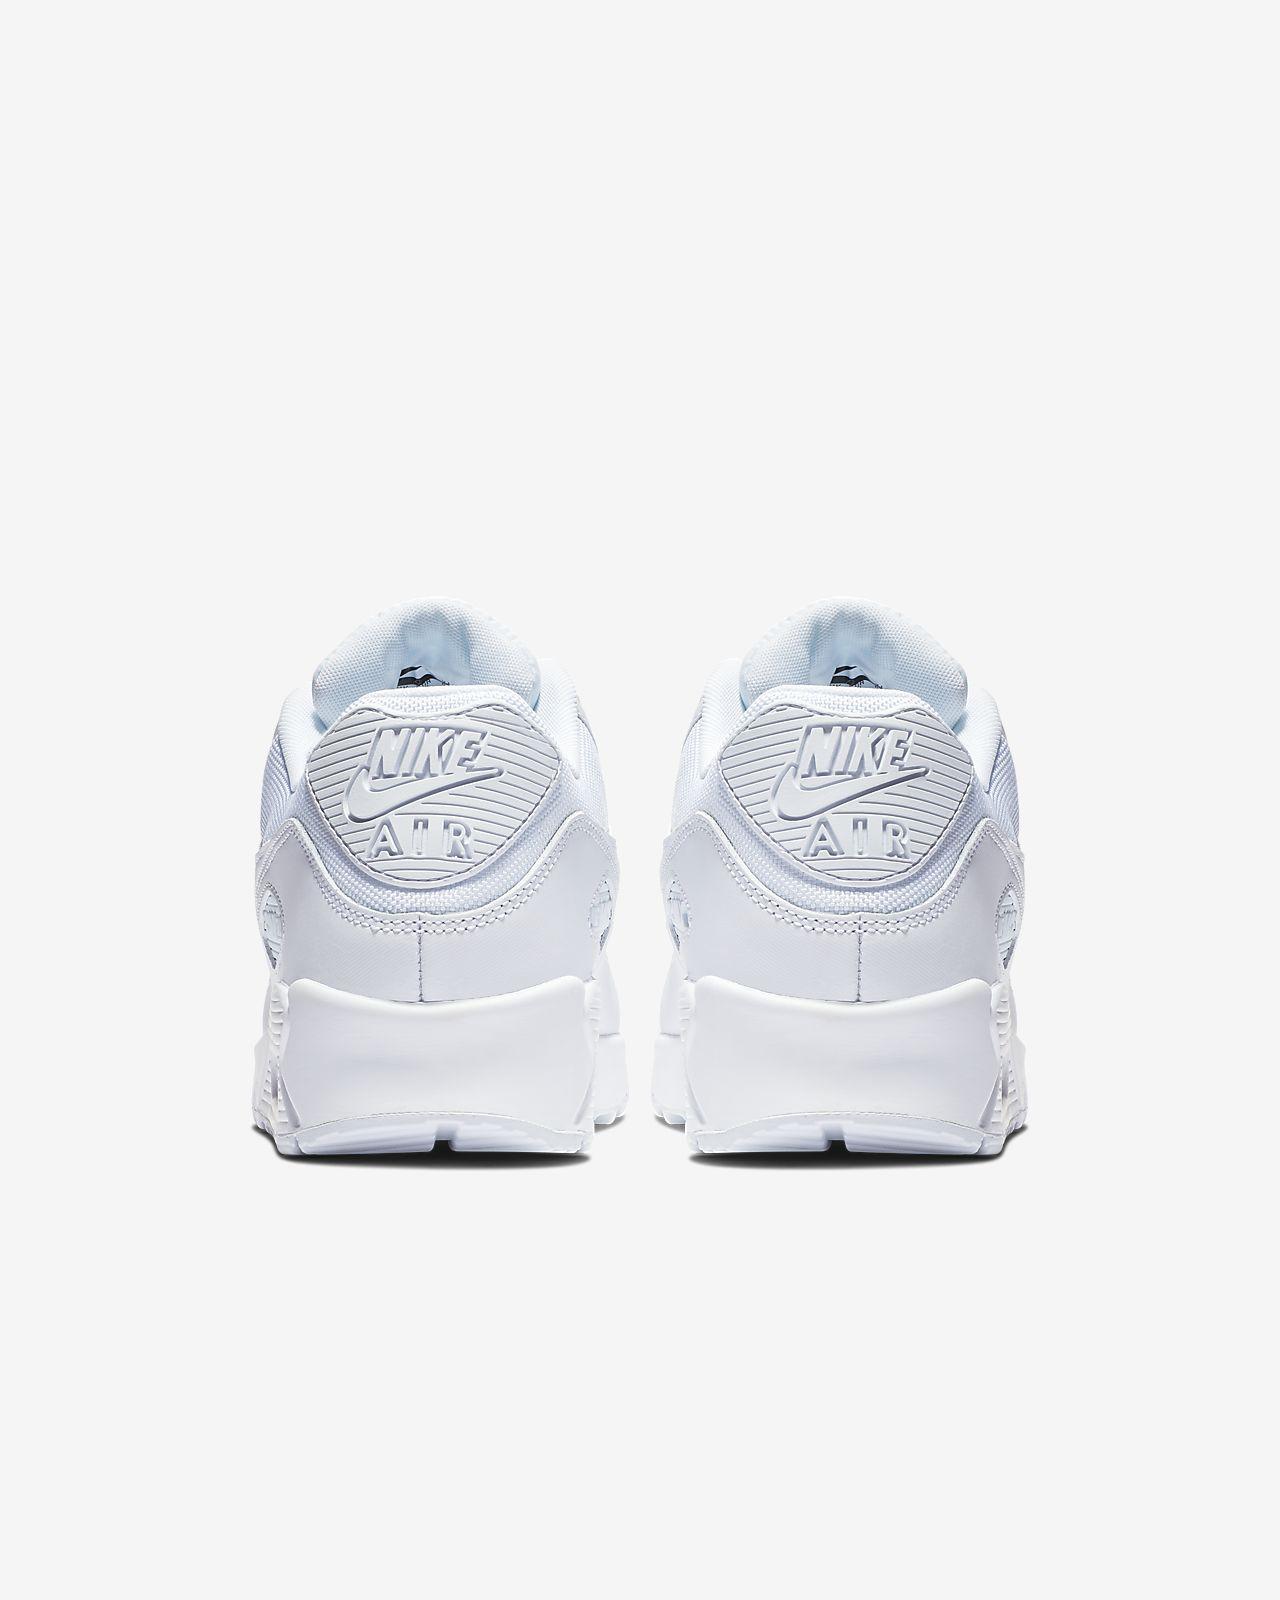 Nike Air Max 90 Essential Trainers 537384 054 | Nike air max